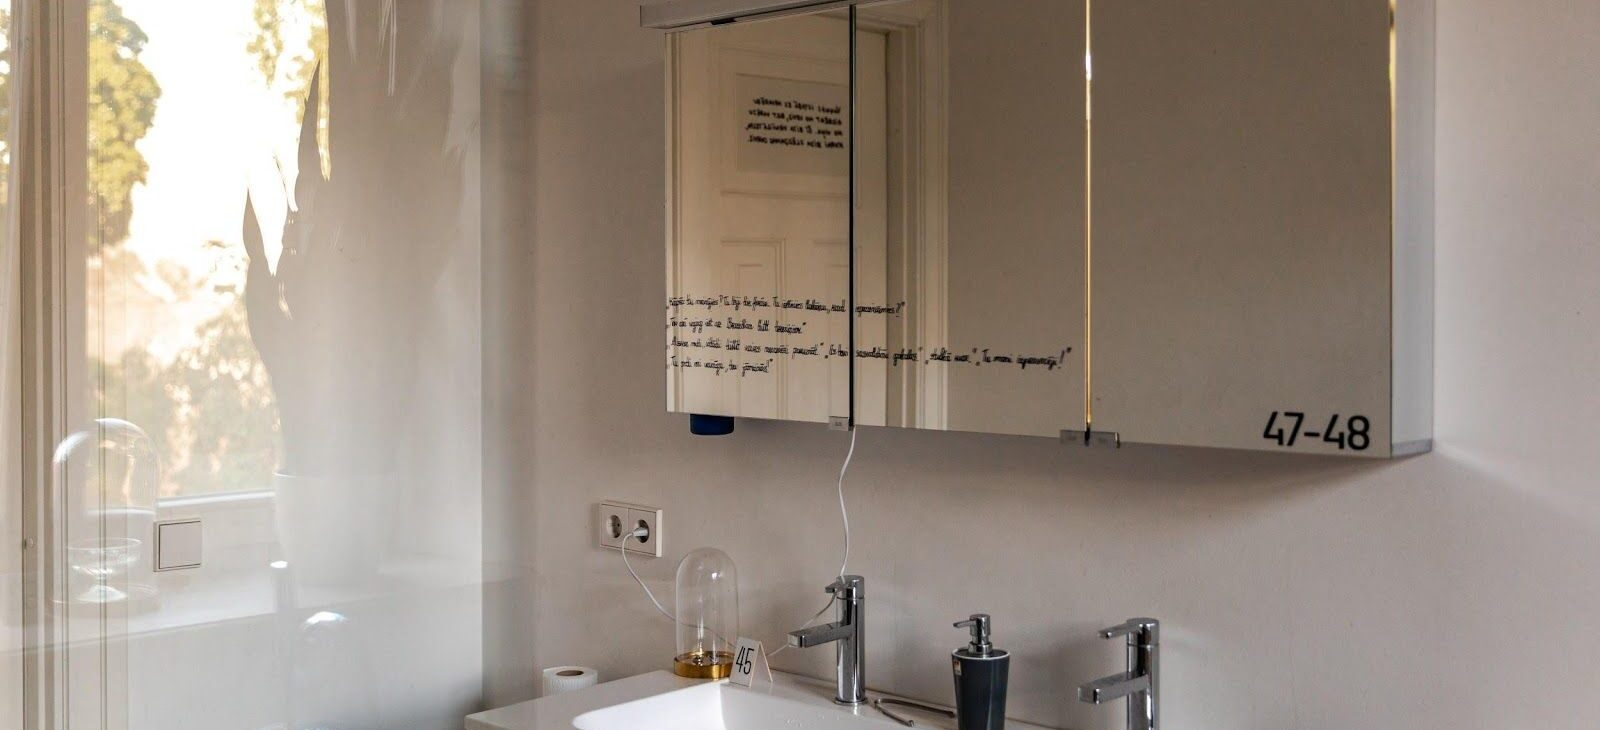 Zdjęcie z litewskiej wystawy Muzeum Dowodów Rzeczowych. Przedstawia łazienkę z lustrem, na którym markerem napisane jest świadectwo osoby. Na lustrze numer 47-48. Na umywalce pod lustrem numer 45, przy prostownicy do włosów numer 46.